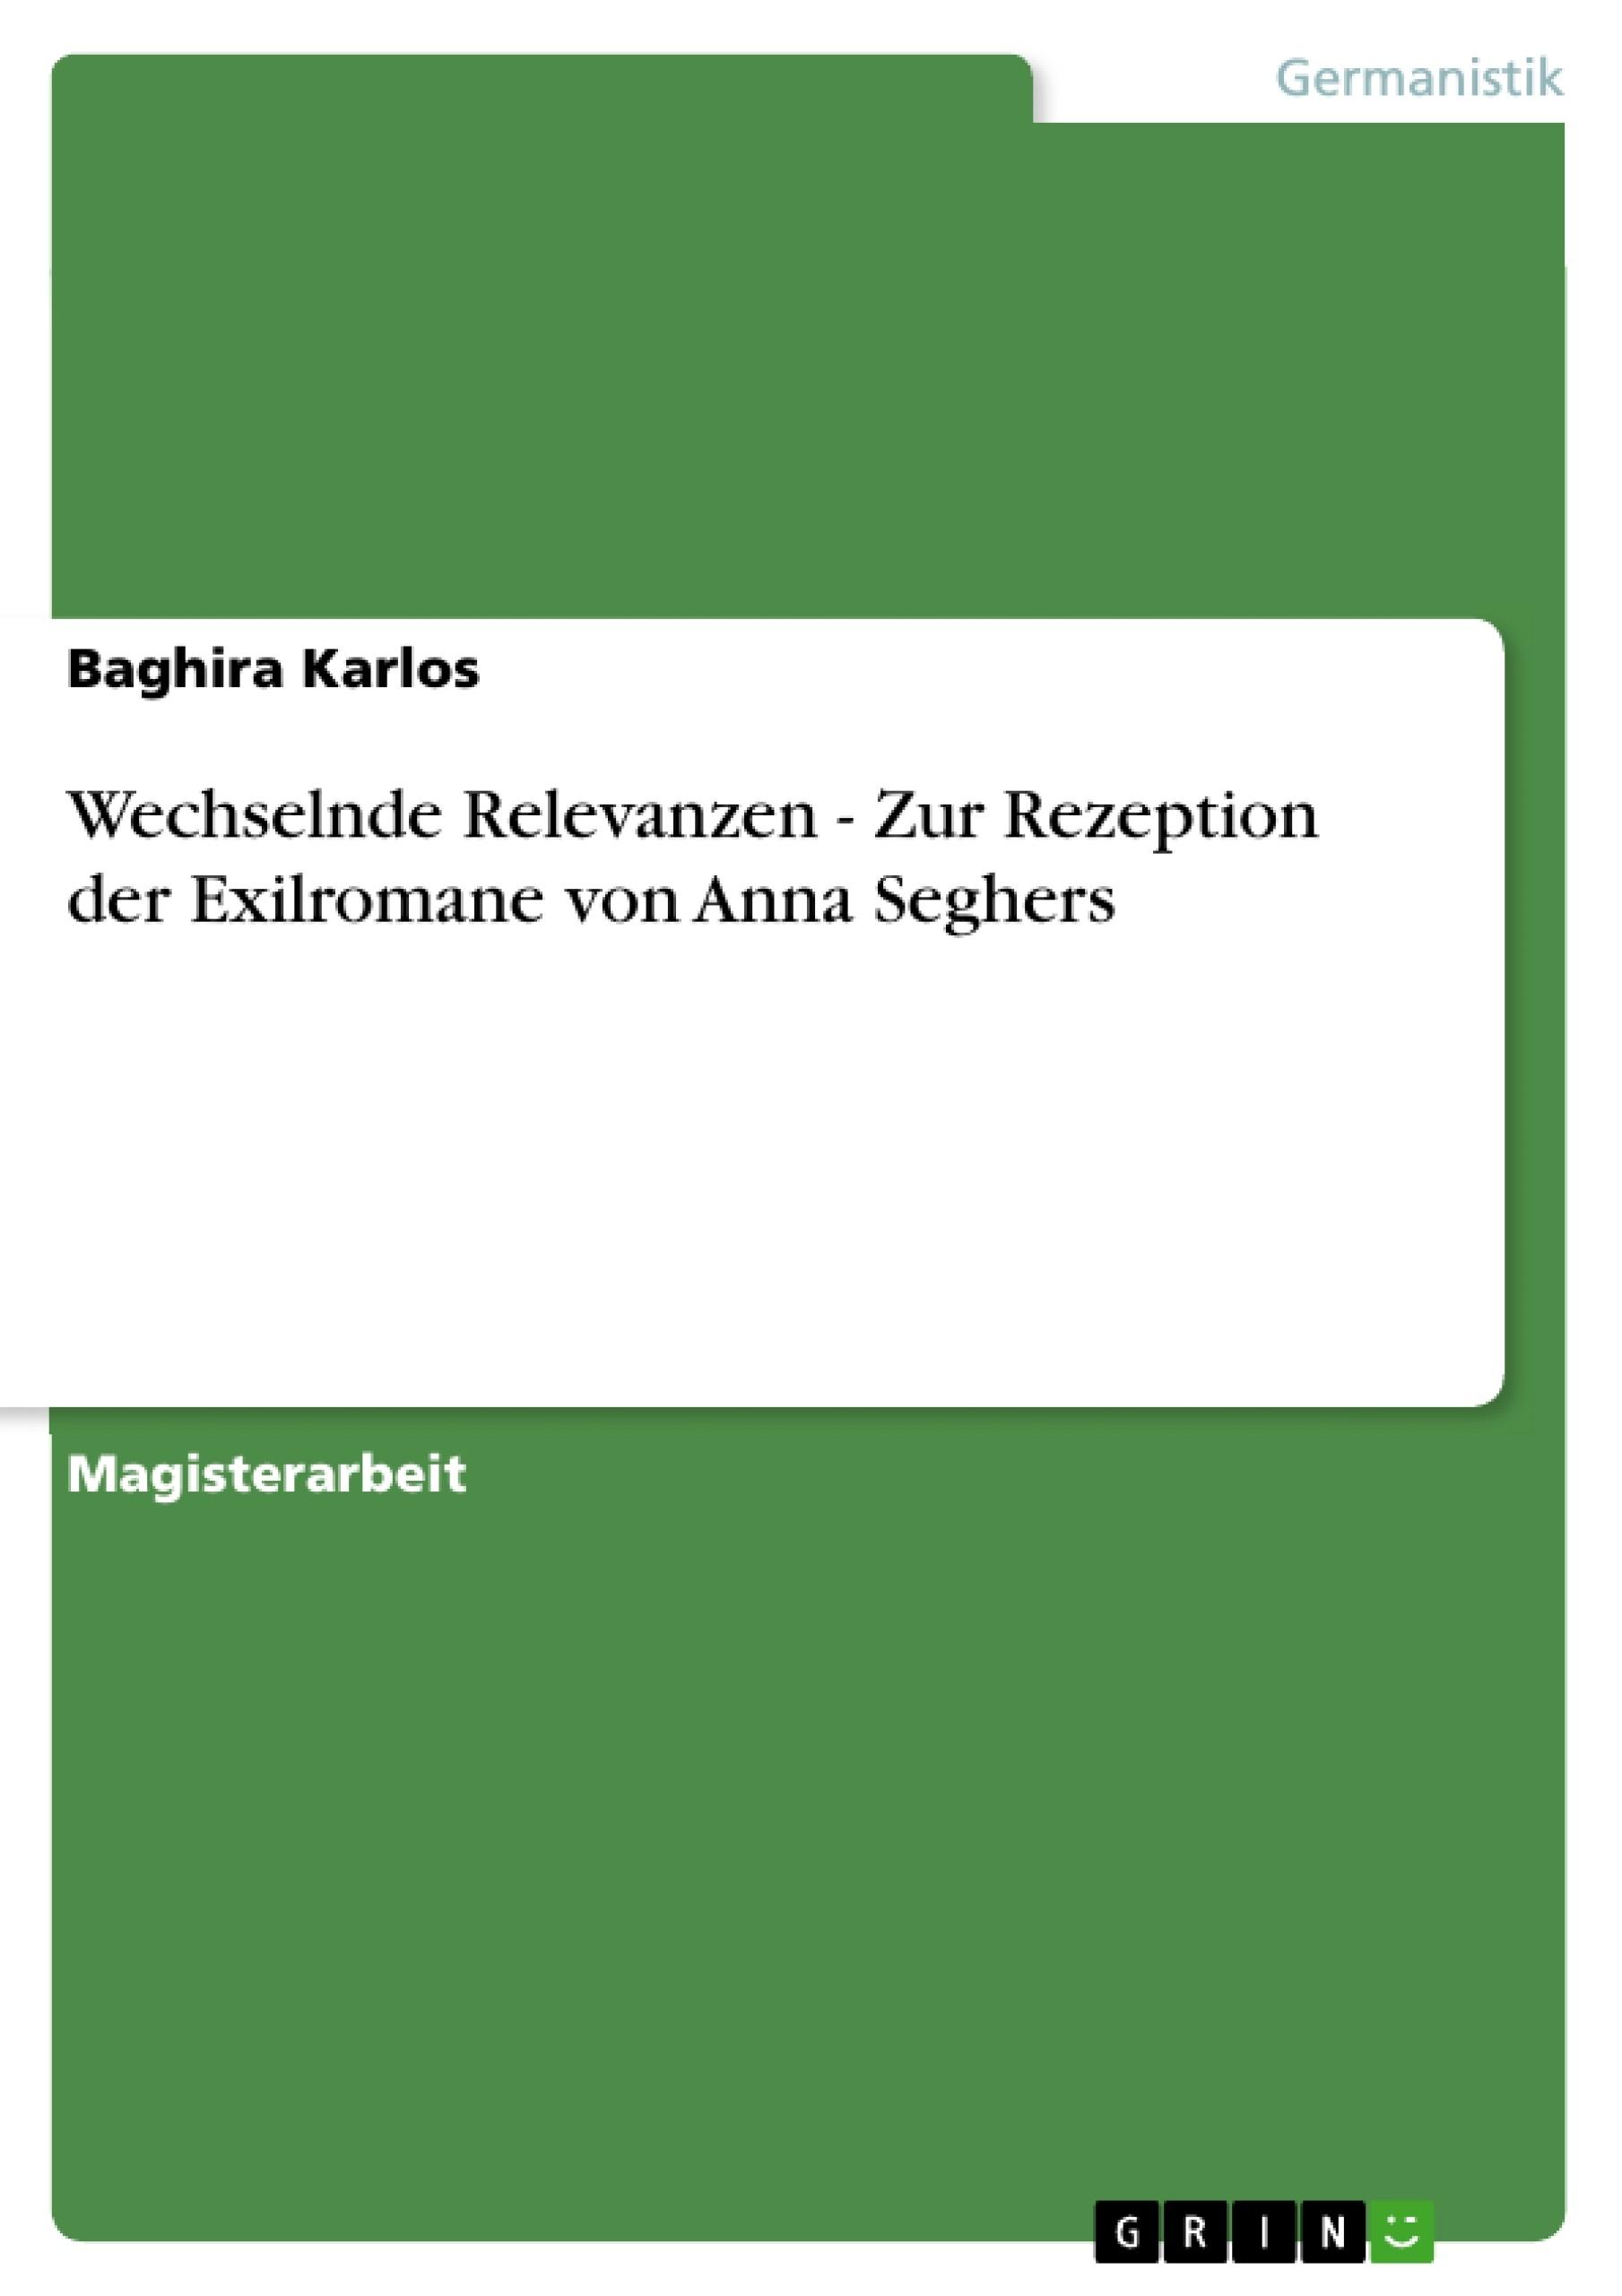 Titel: Wechselnde Relevanzen - Zur Rezeption der Exilromane von Anna Seghers